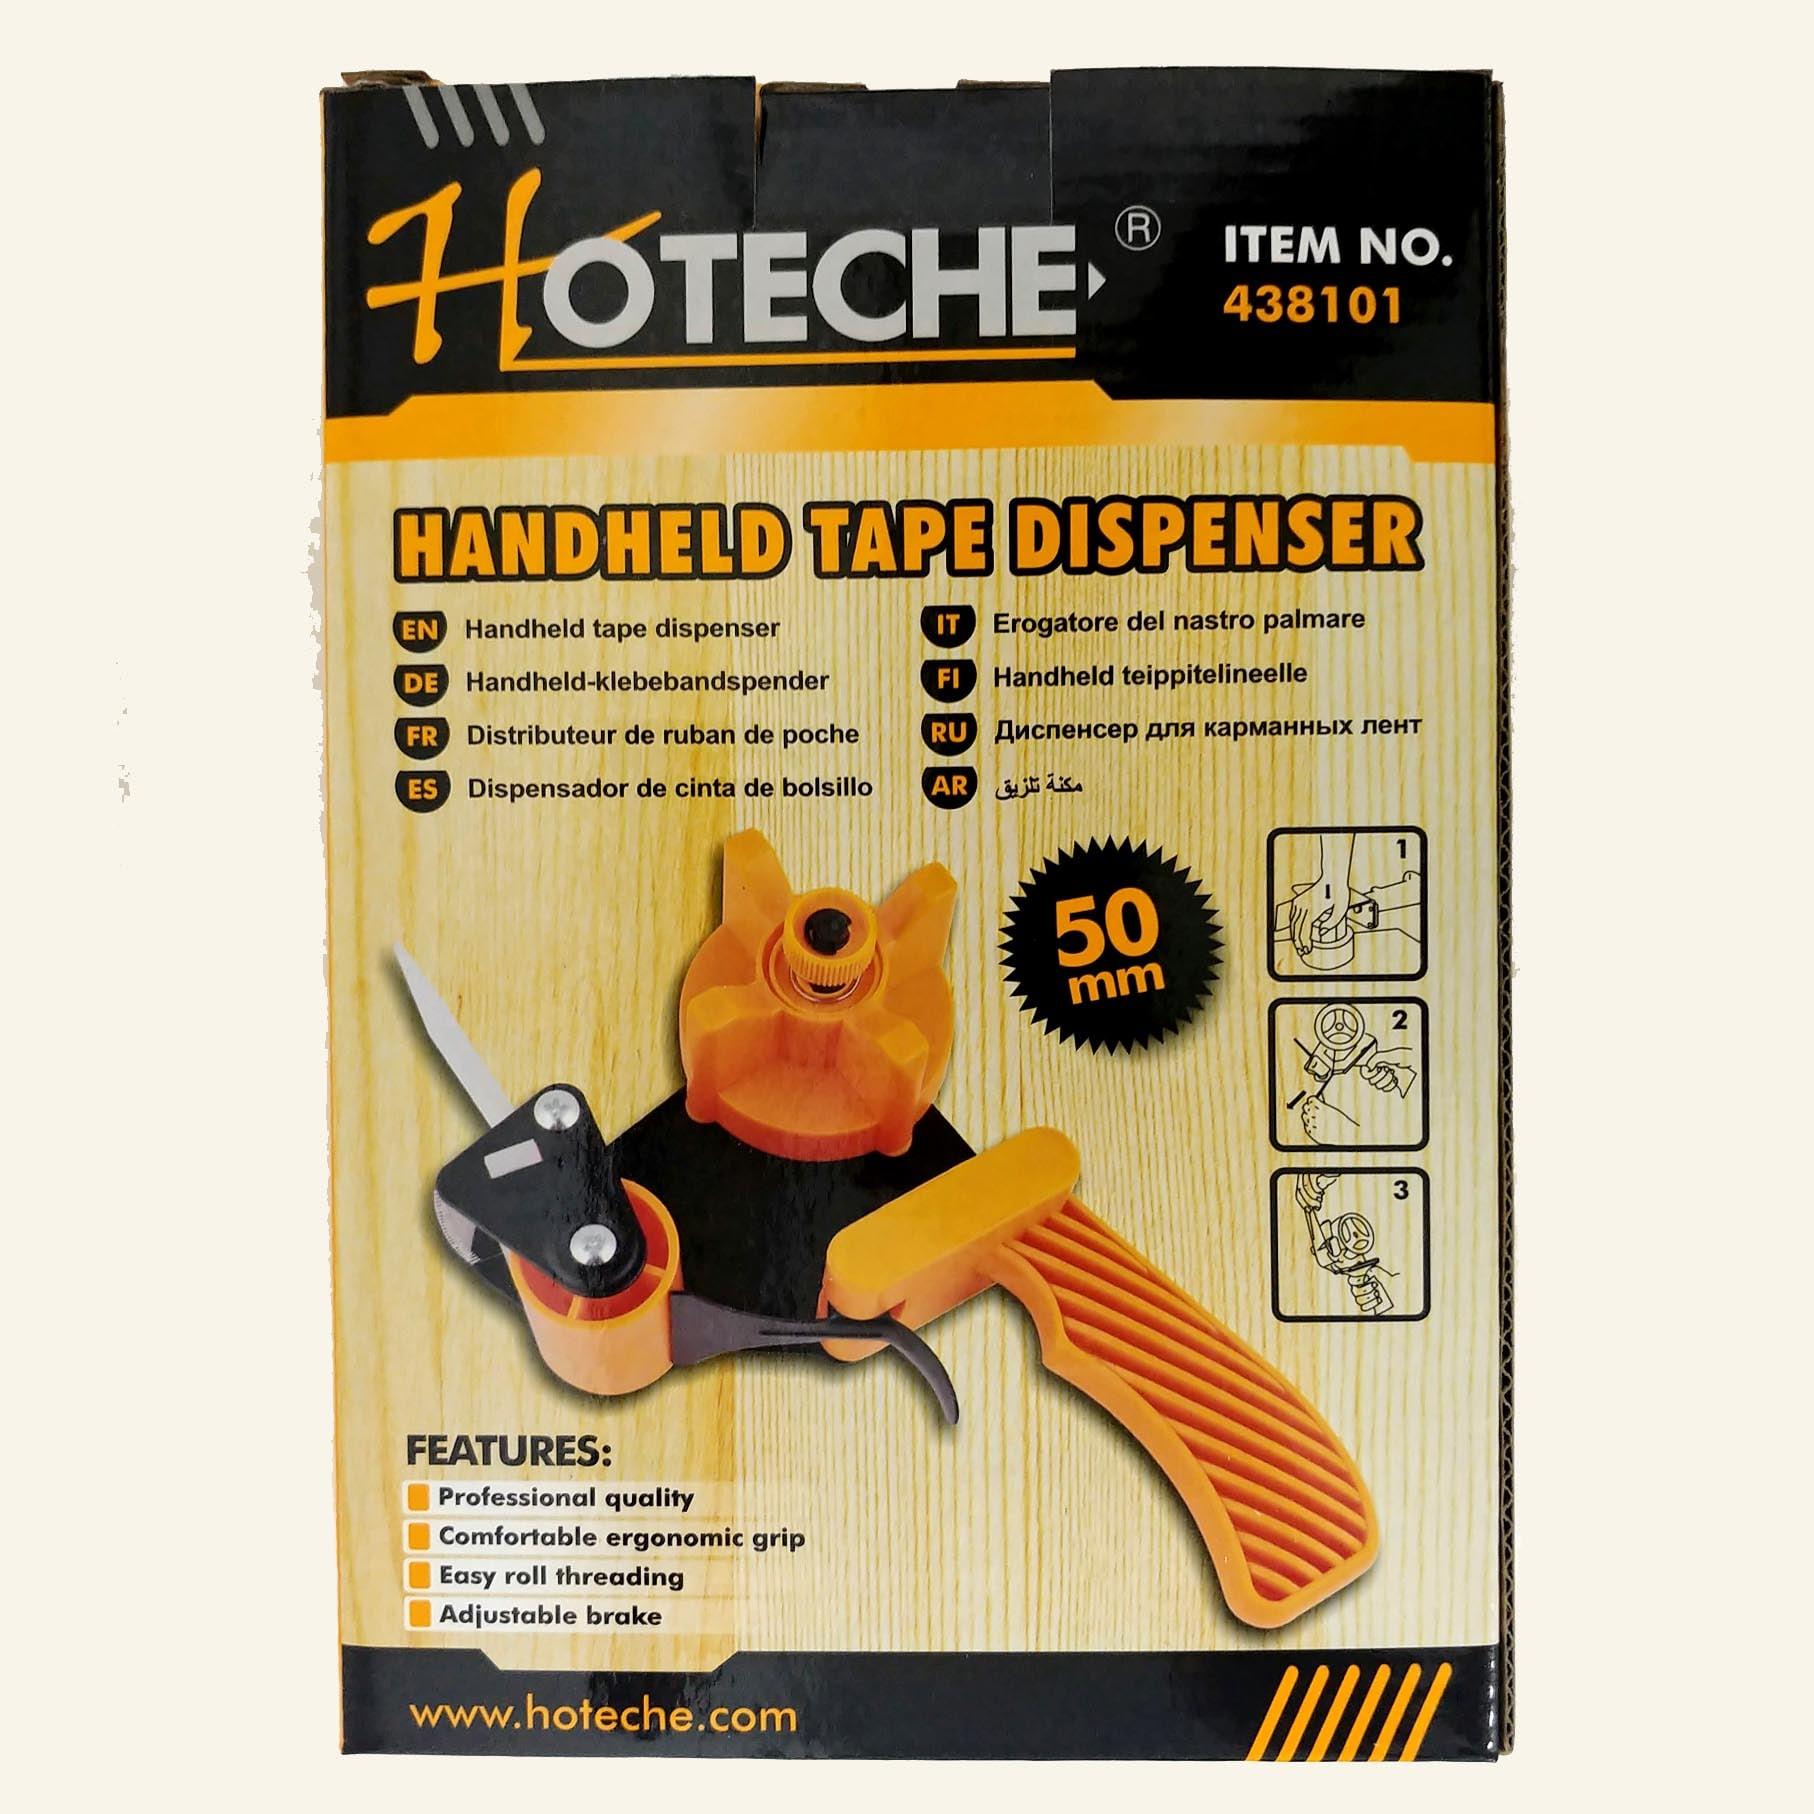 מכשיר אריזה מקצועי למסקנטייפ מבית חברת HOTECHE